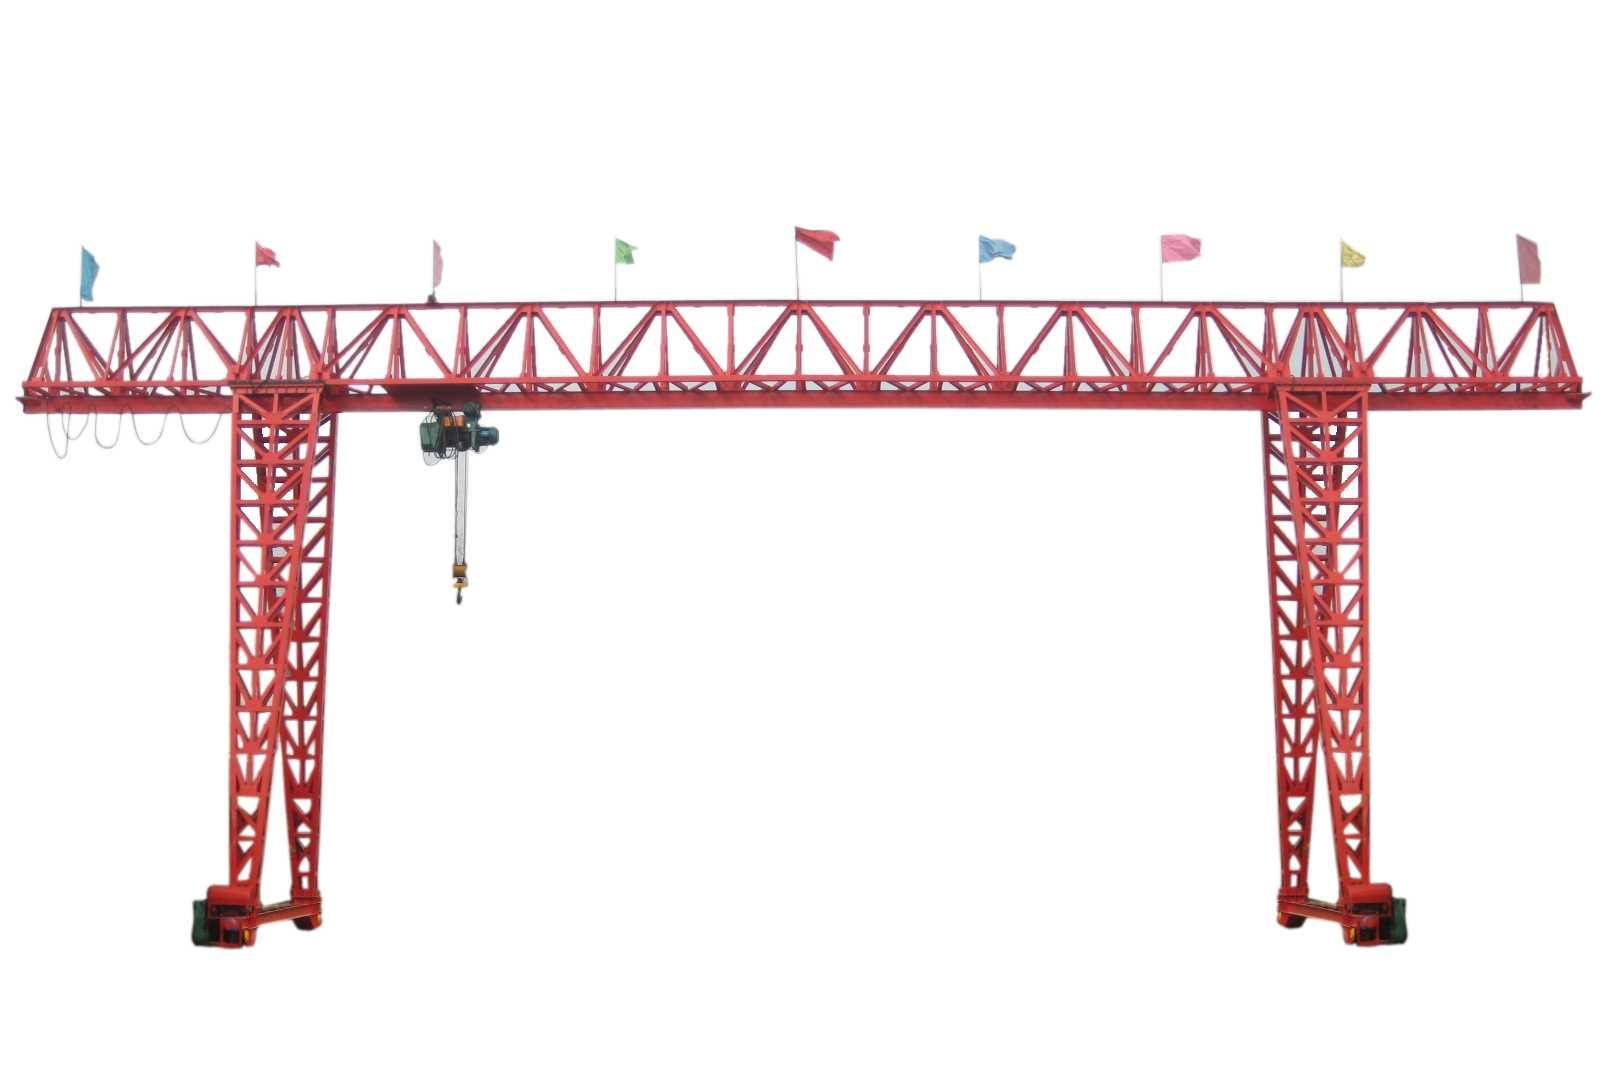 芜湖行车、天车、龙门吊安装维修徐经理